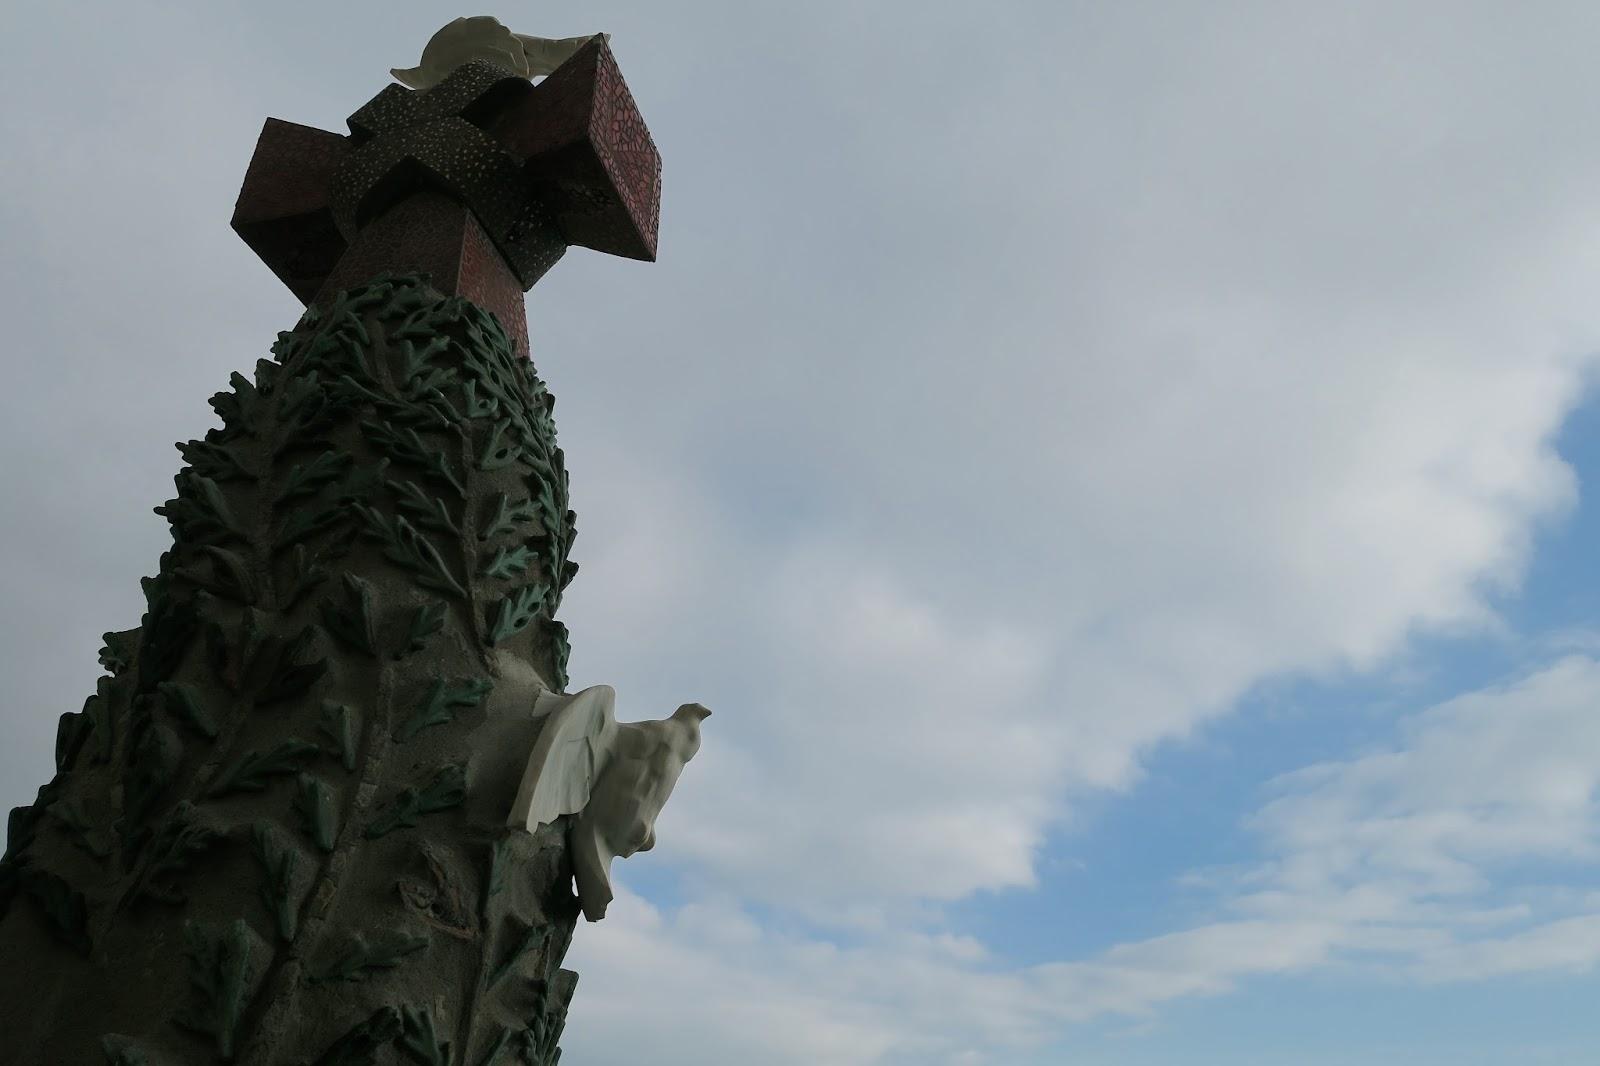 サグラダ・ファミリア (Sagrada Familia) イトスギ